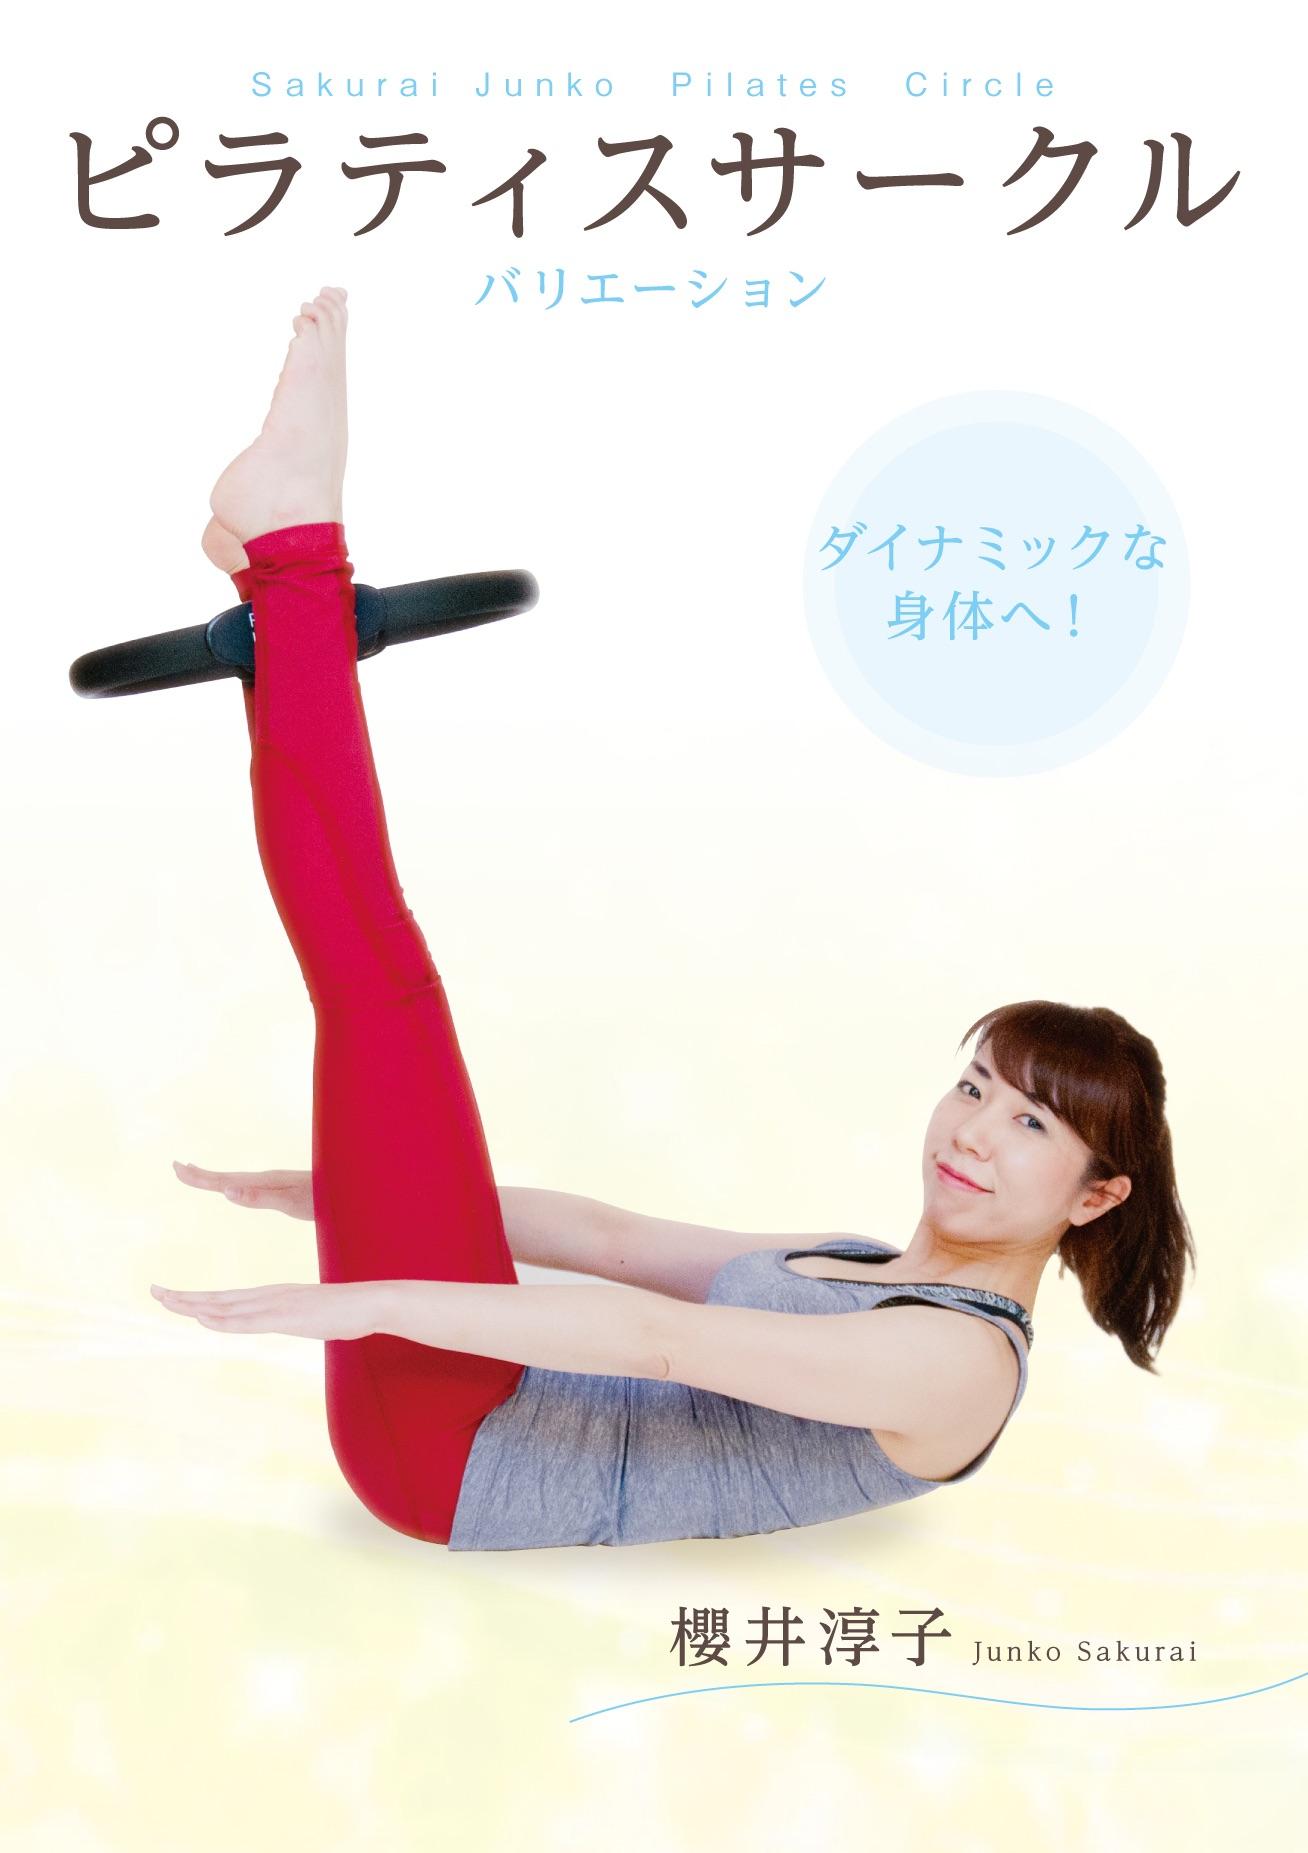 ピラティスサークル バリエーション~ダイナミックな身体へ!~